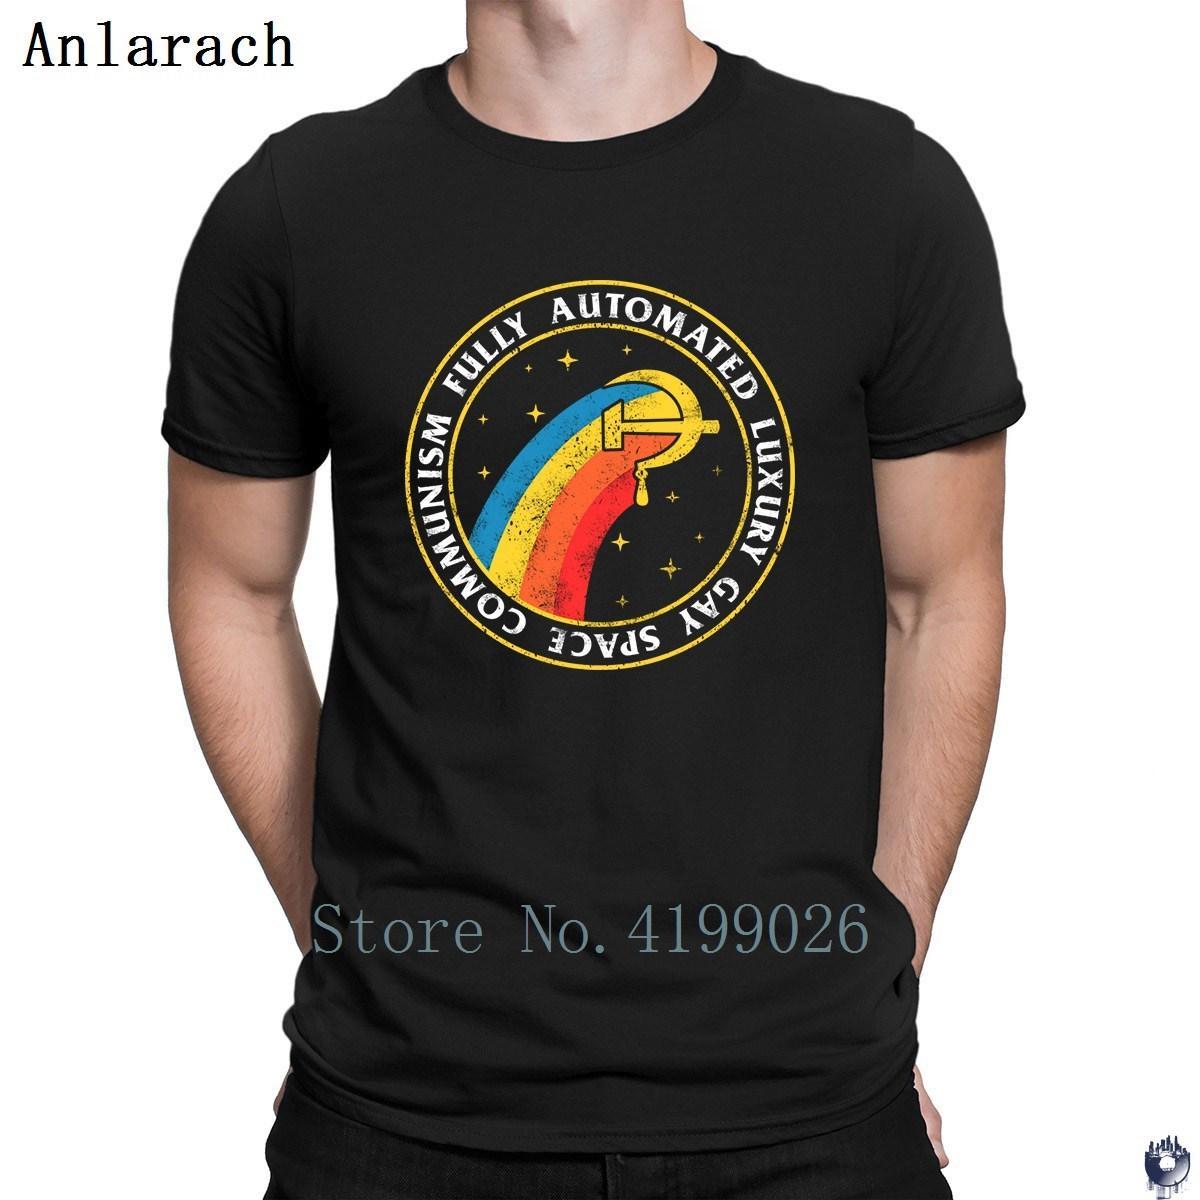 Completamente maglietta Gay Spazio comunismo lusso automatizzata creare maglietta streetwear per gli uomini Pop Top Tee calda di vendita CCCP russo T-shirt